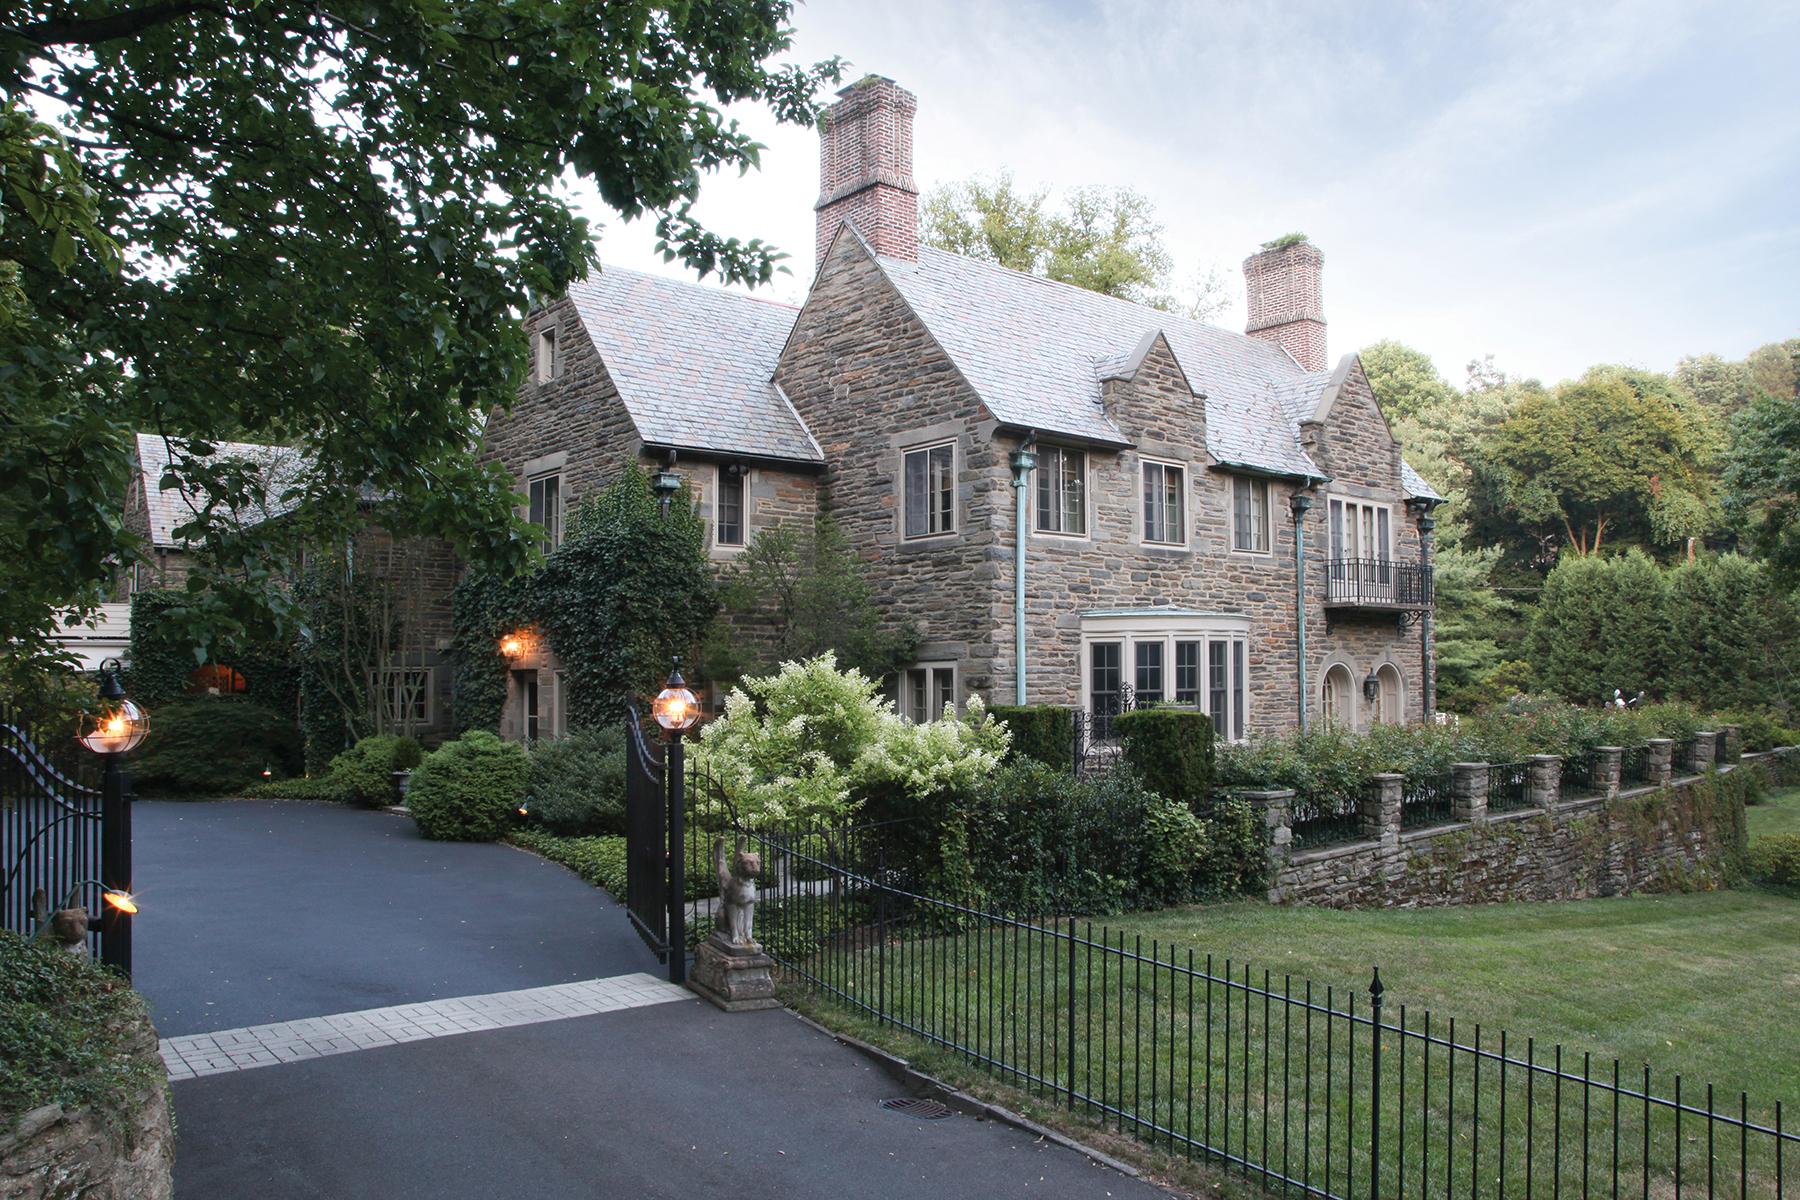 단독 가정 주택 용 매매 에 English Country Manor 15 W. Bells Mill Road Chestnut Hill, Philadelphia, 펜실바니아, 19118 미국